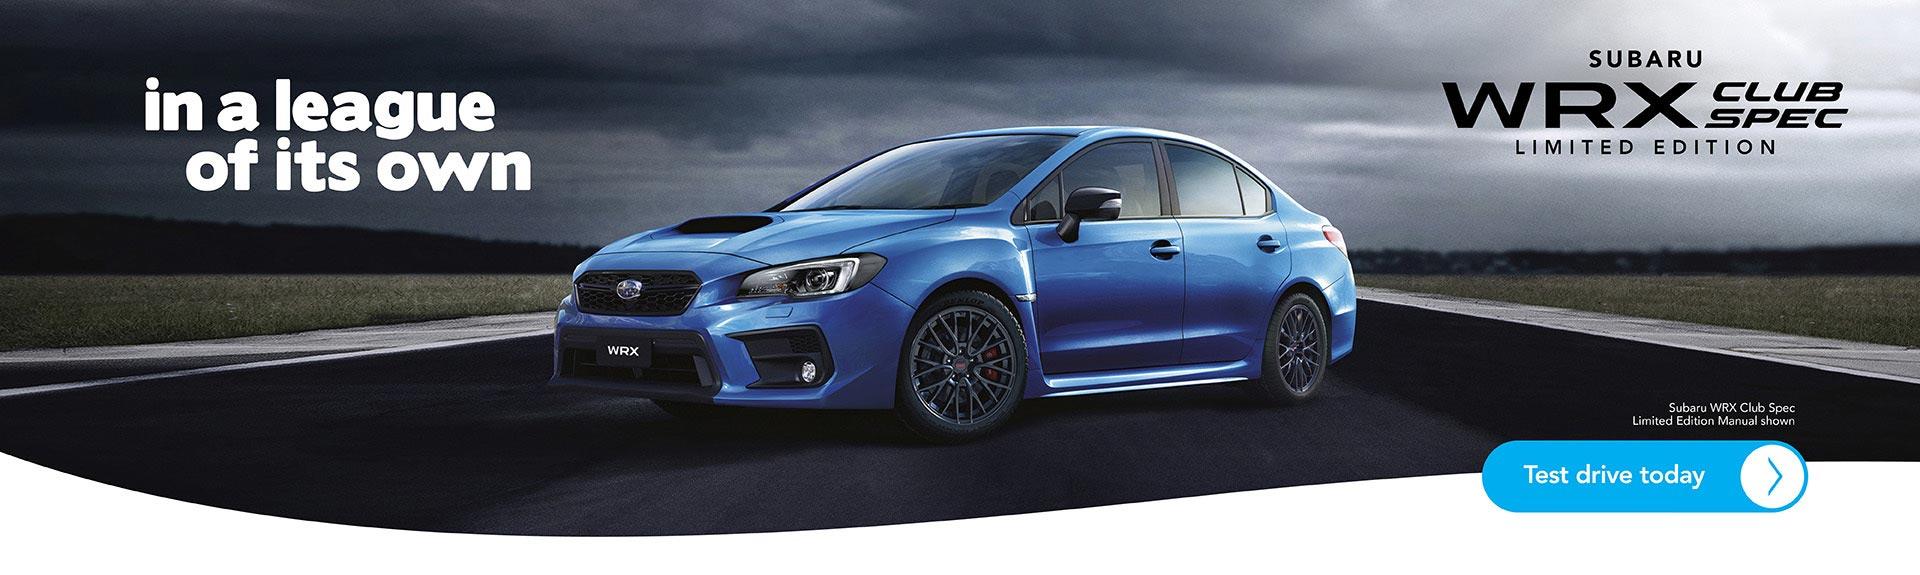 Subaru WRX Club Spec Edition